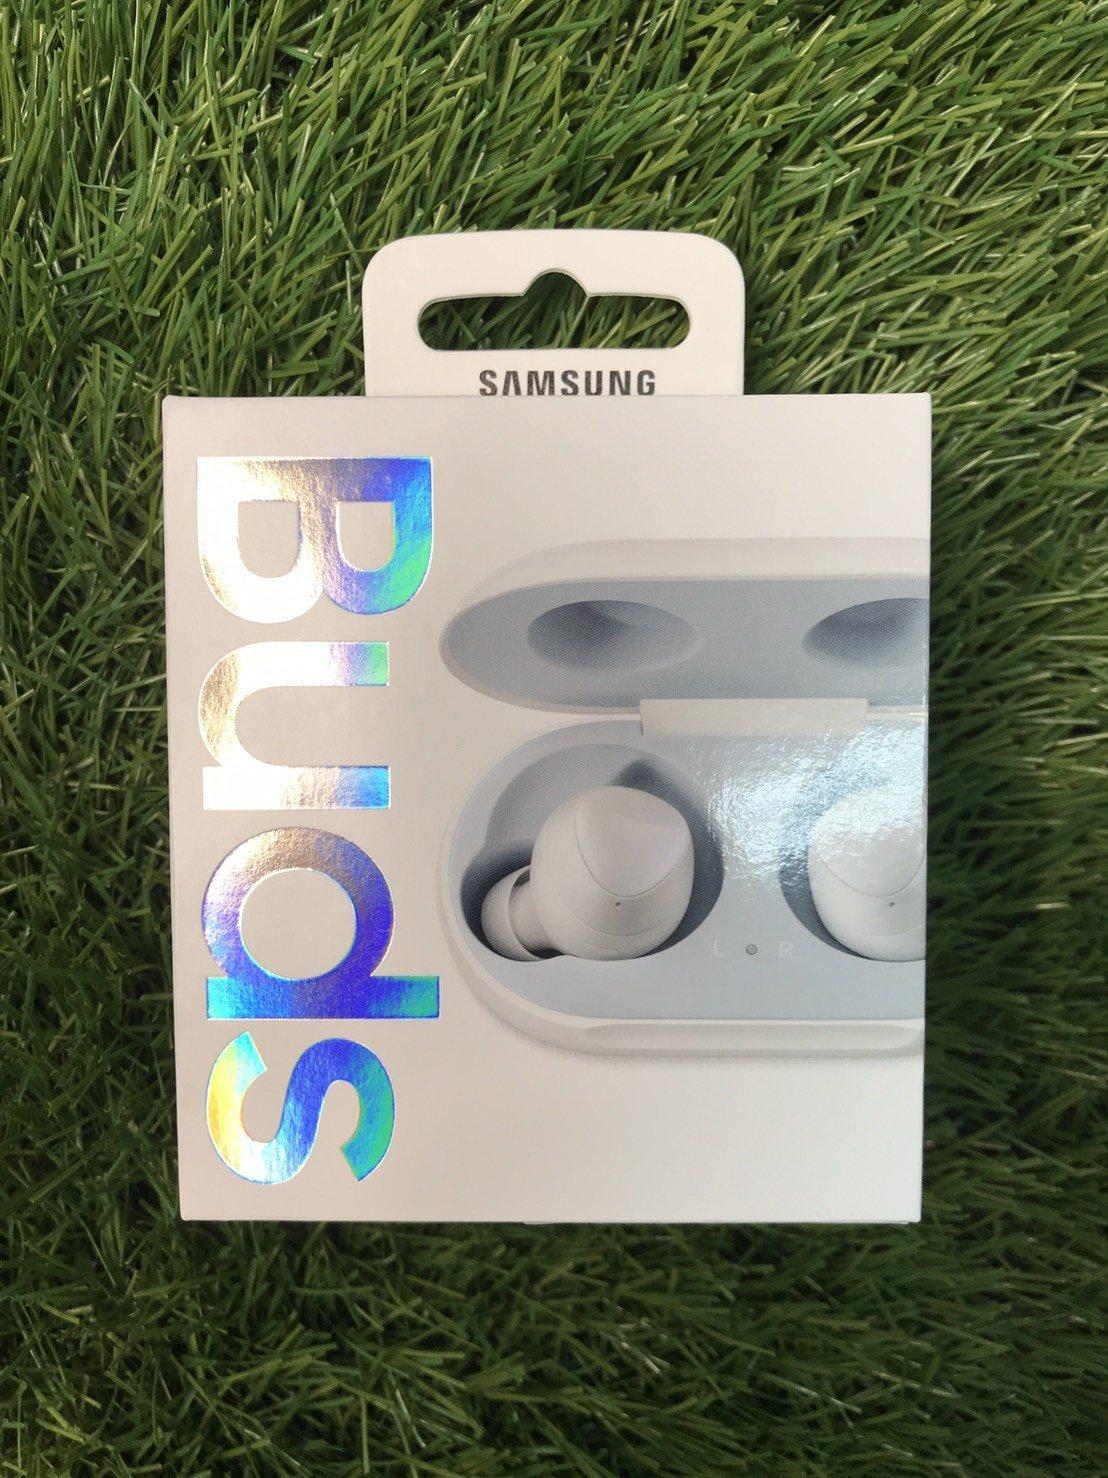 三星 Samsung Galaxy Buds 真無線藍芽耳機 原廠公司貨 5.0藍芽 AKG極致音質 無線充電 黑 / 白 1